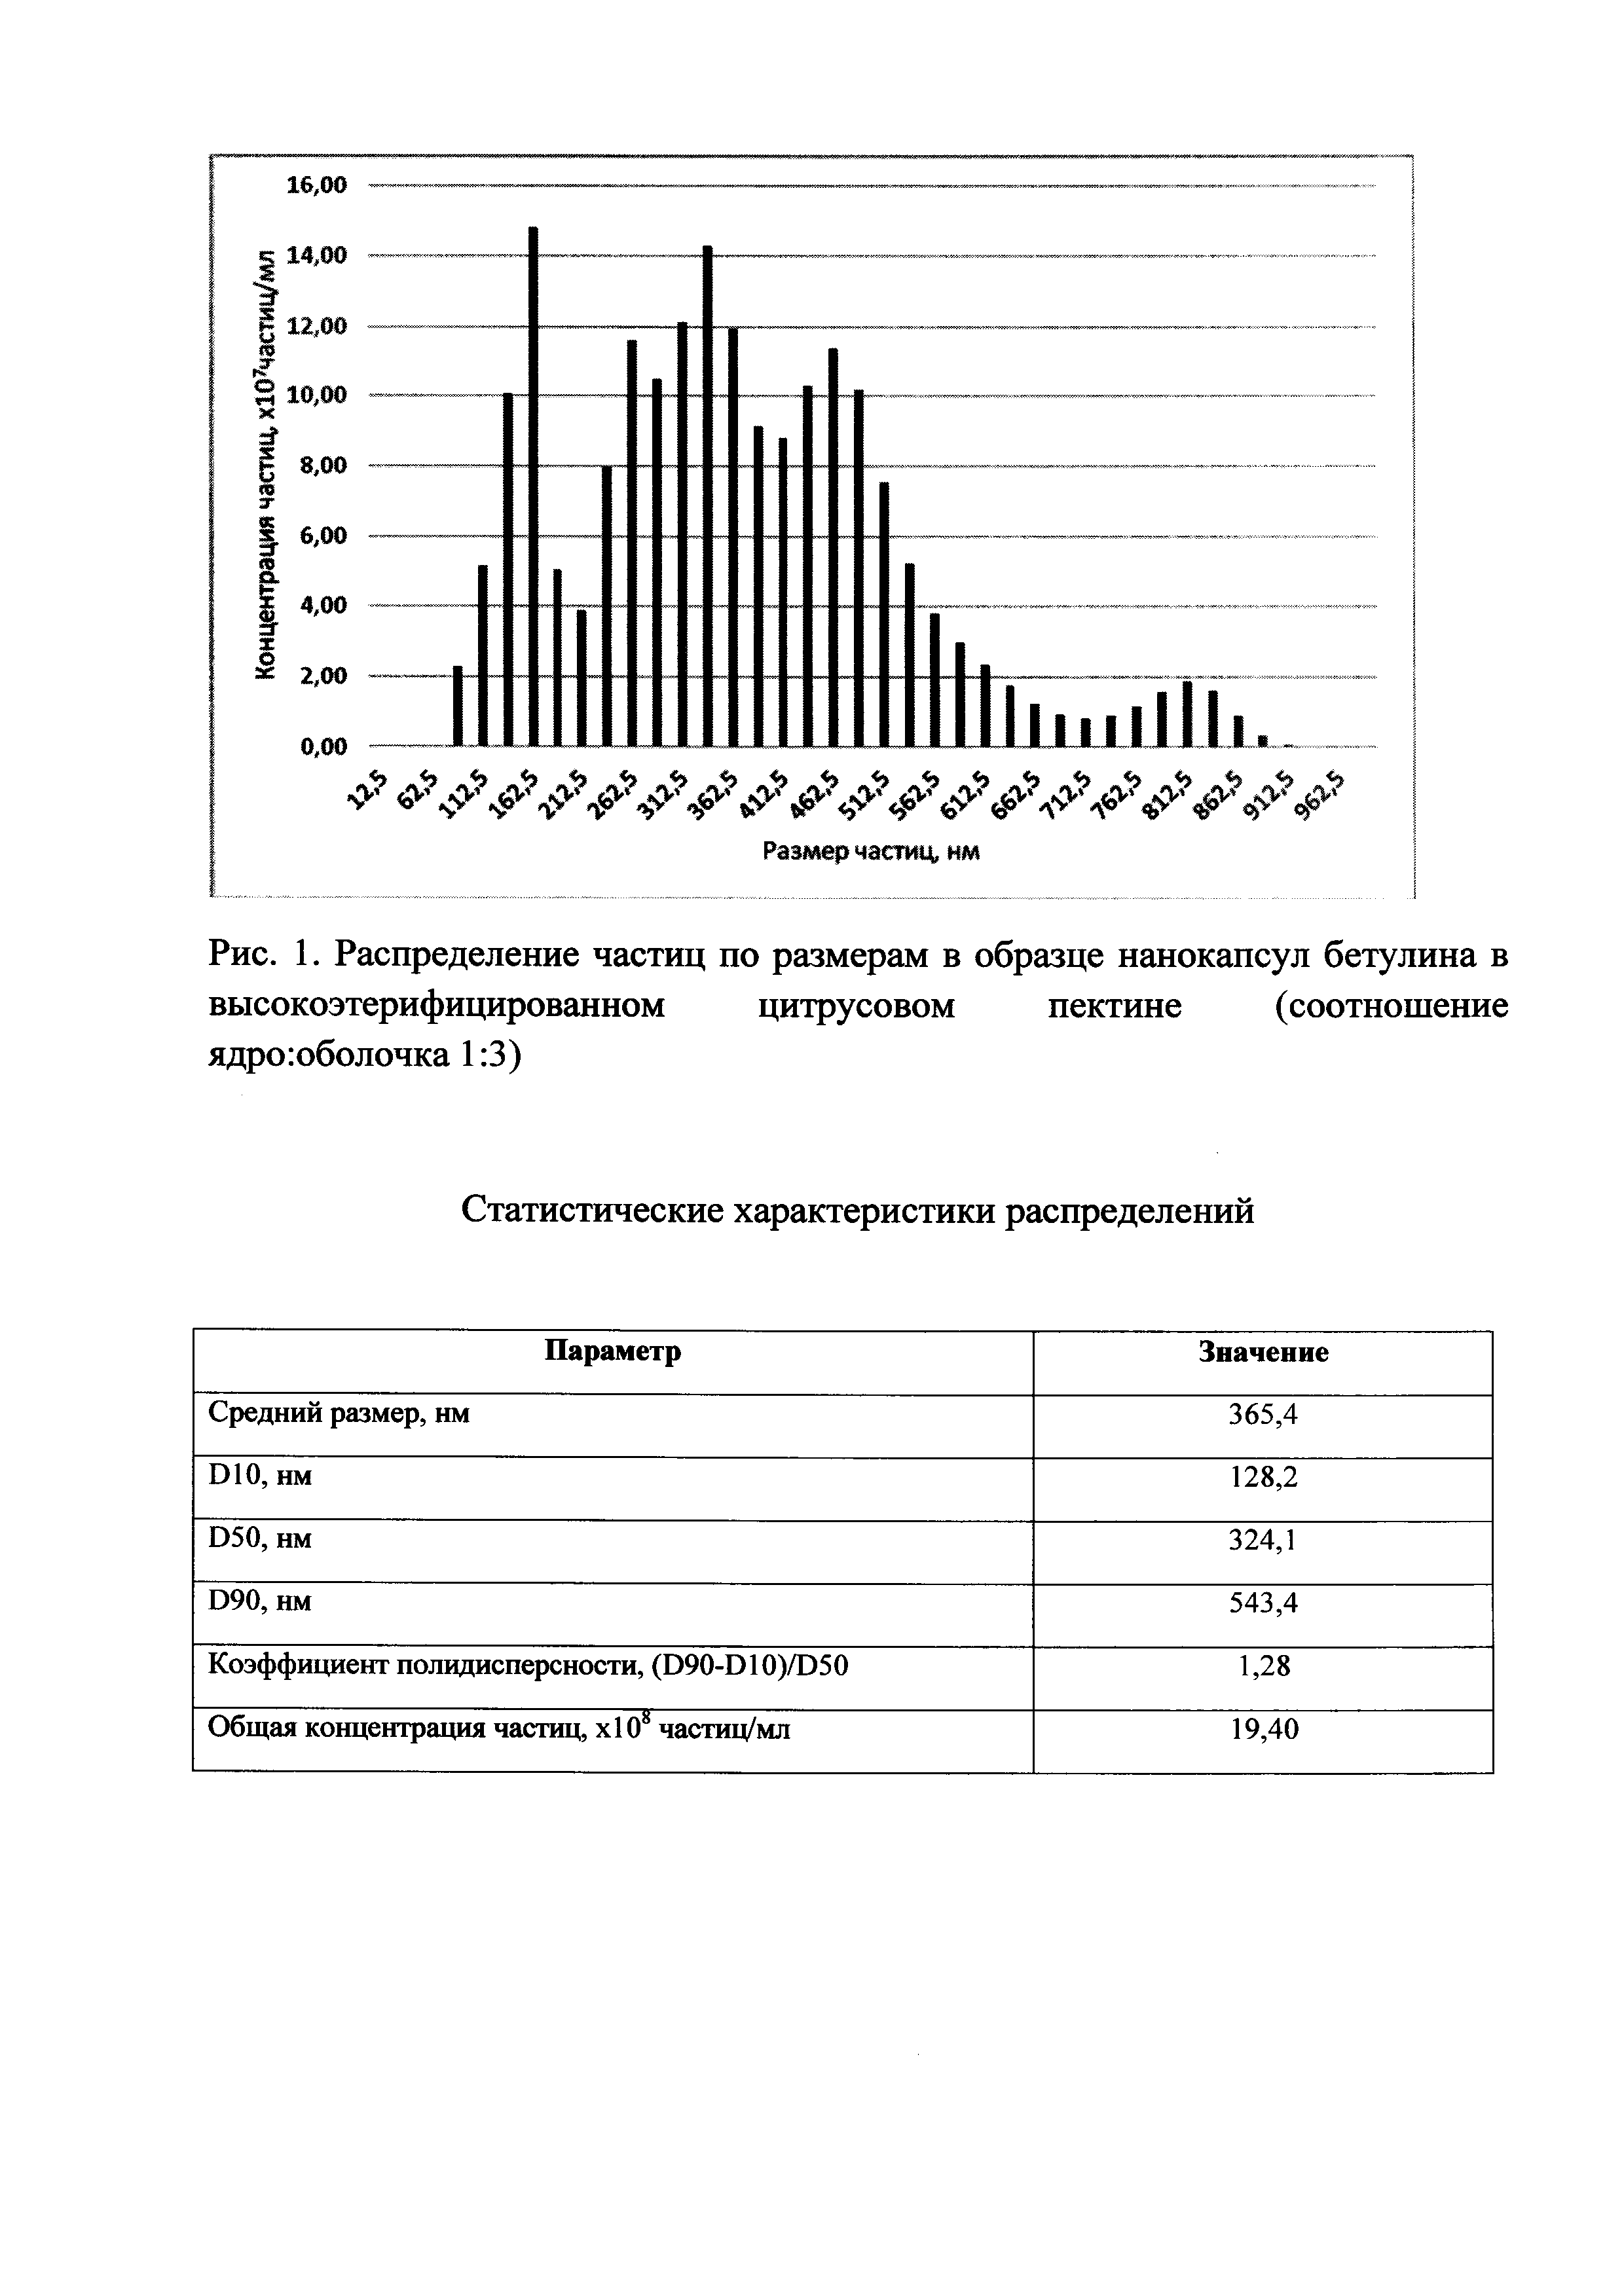 Способ получения нанокапсул бетулина